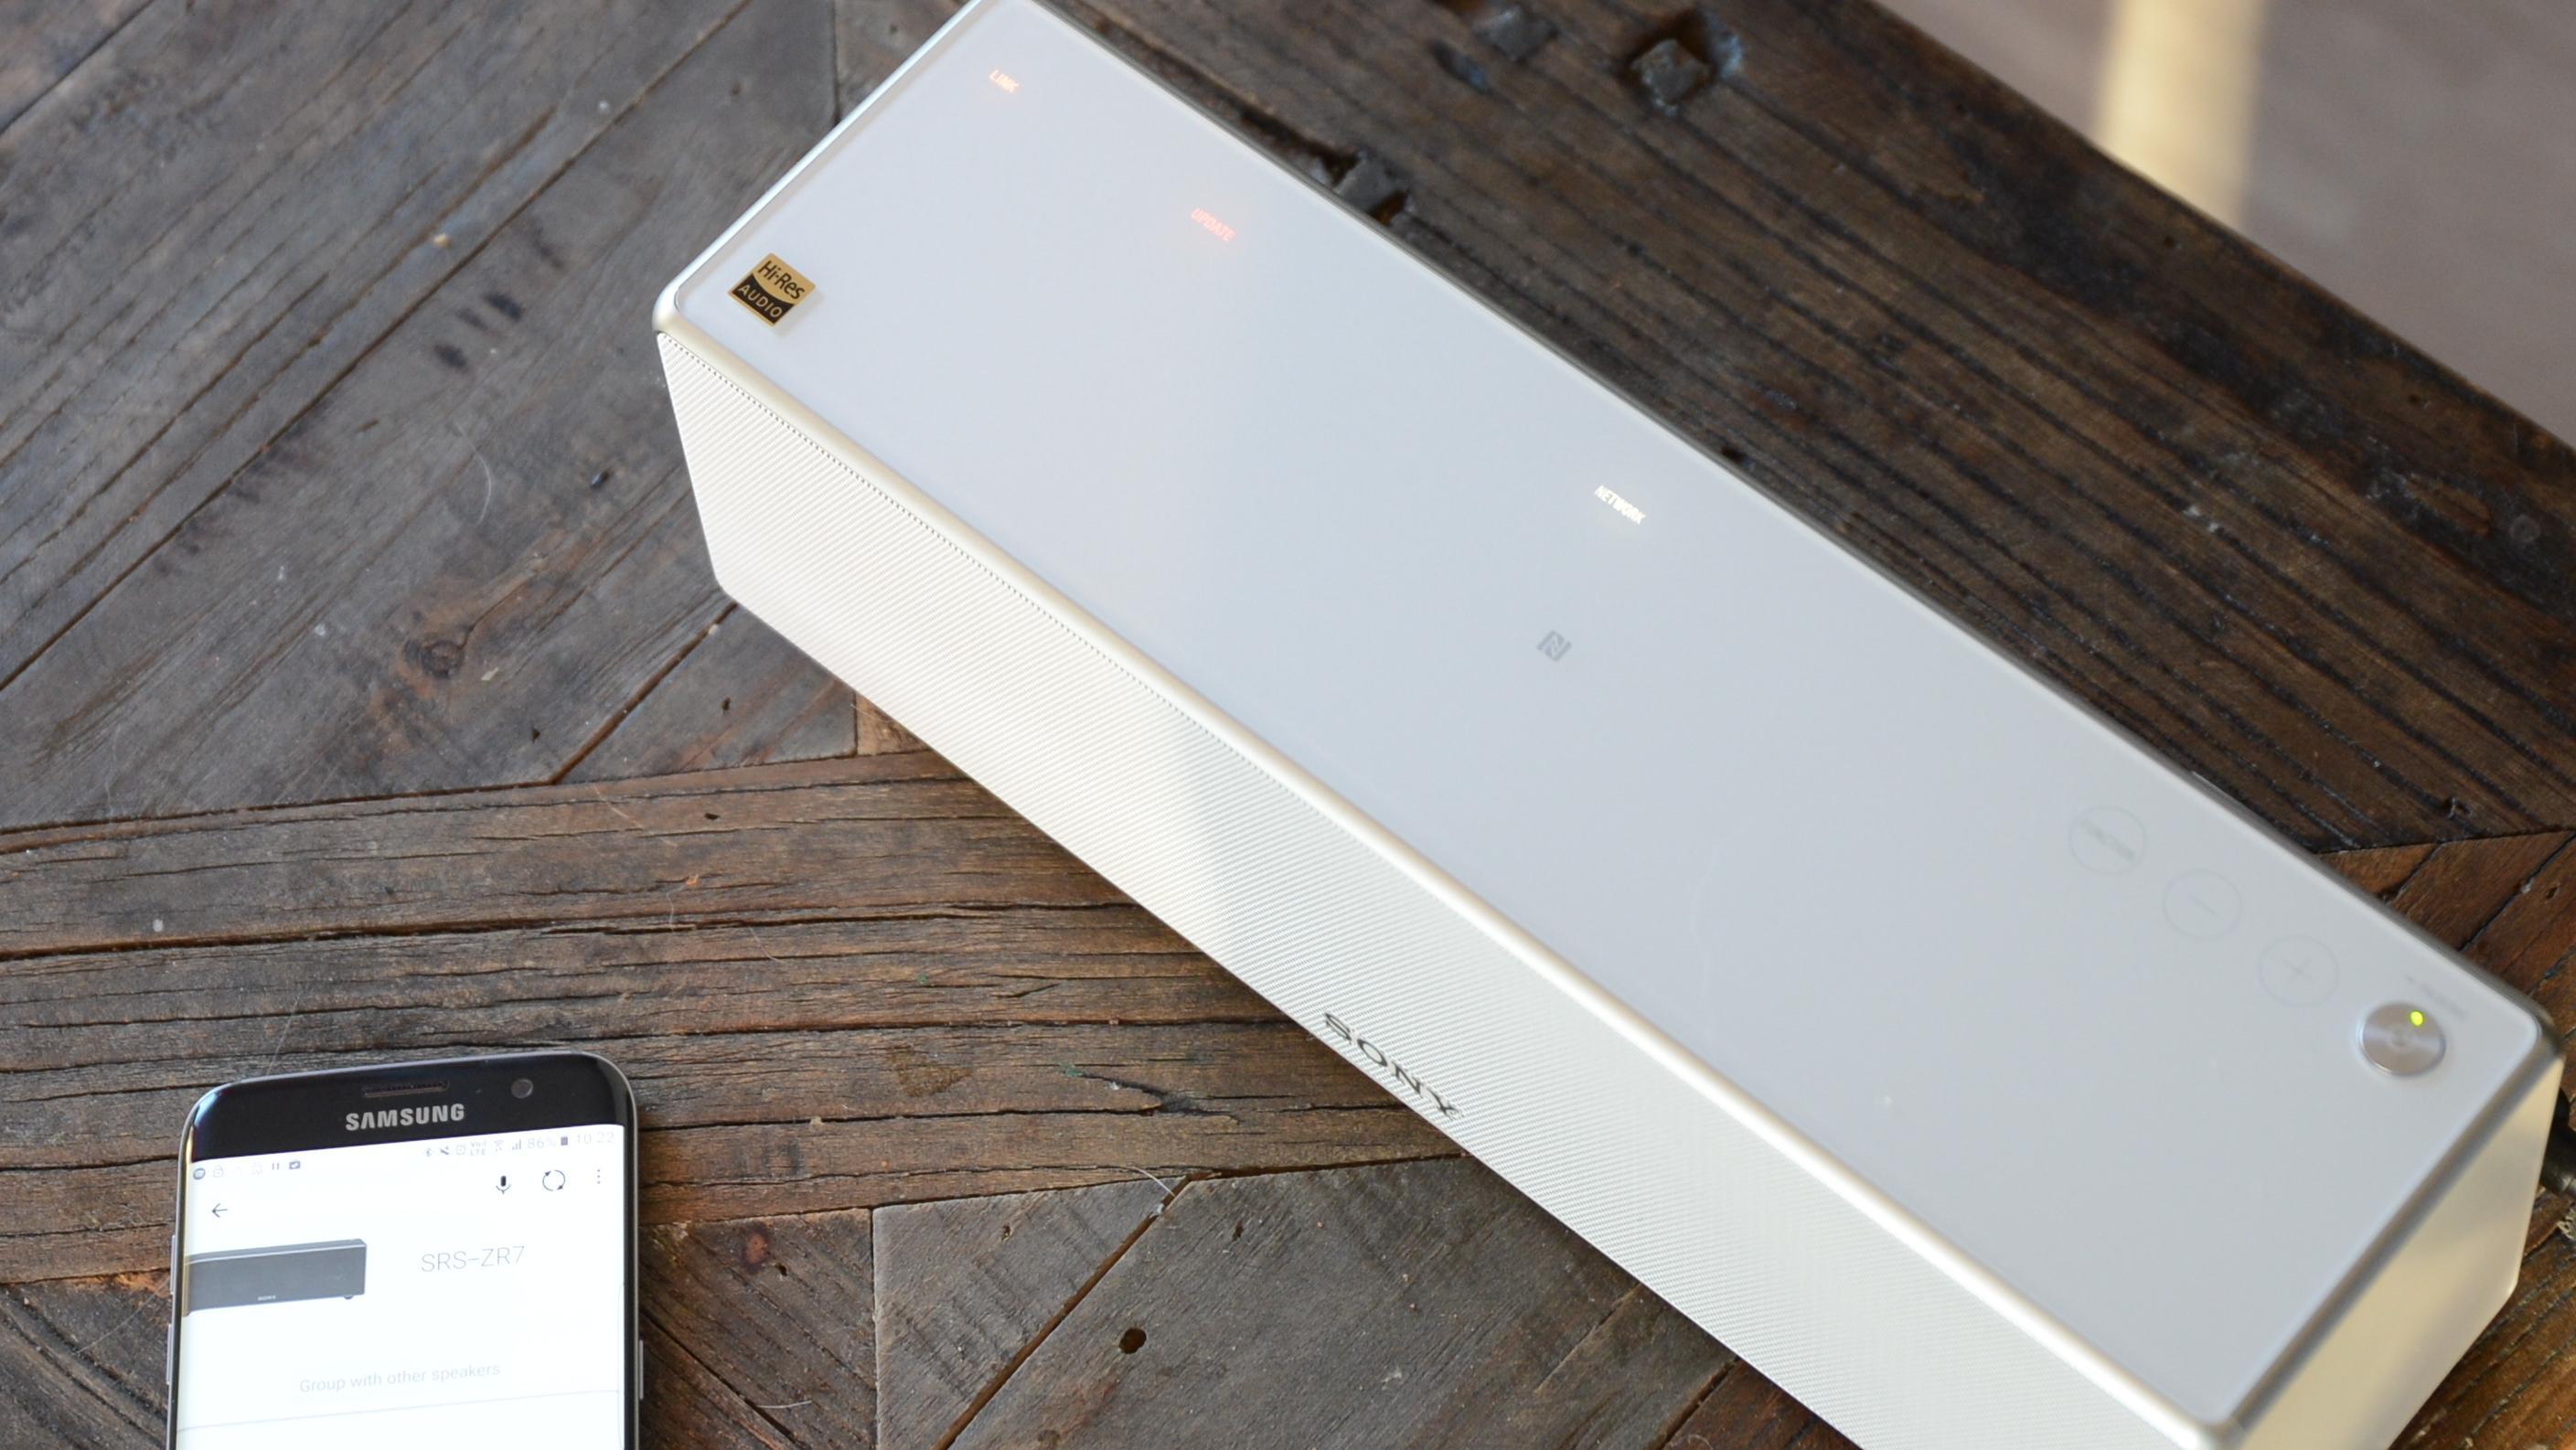 Oversiden av høyttaleren viser hva den er koblet til, og ikke minst om den oppdaterer seg.